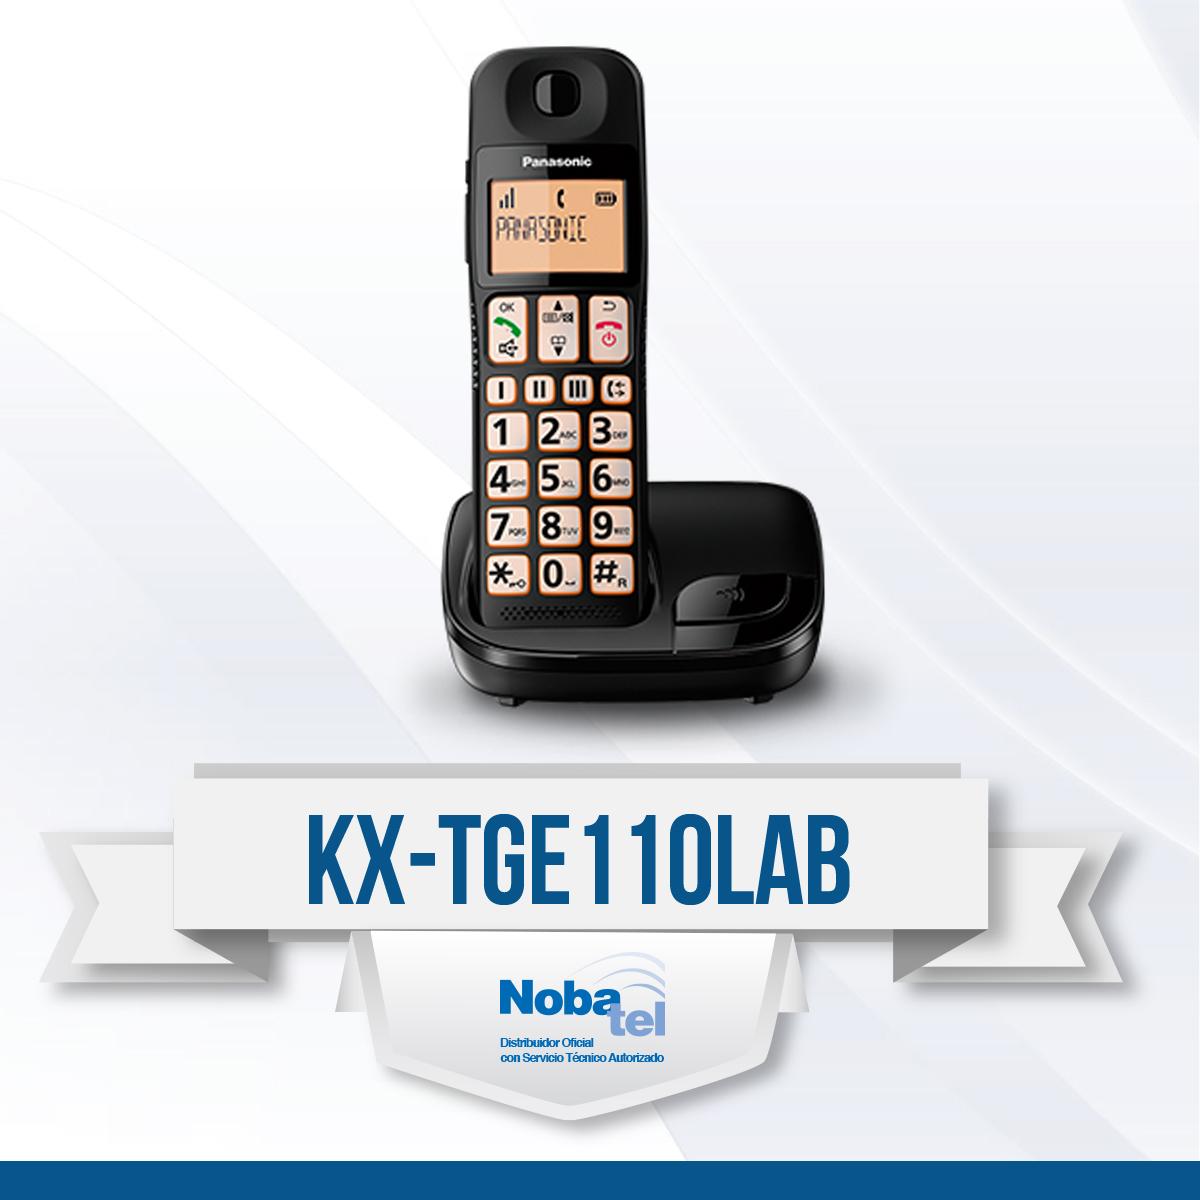 KX-TGE110LAB